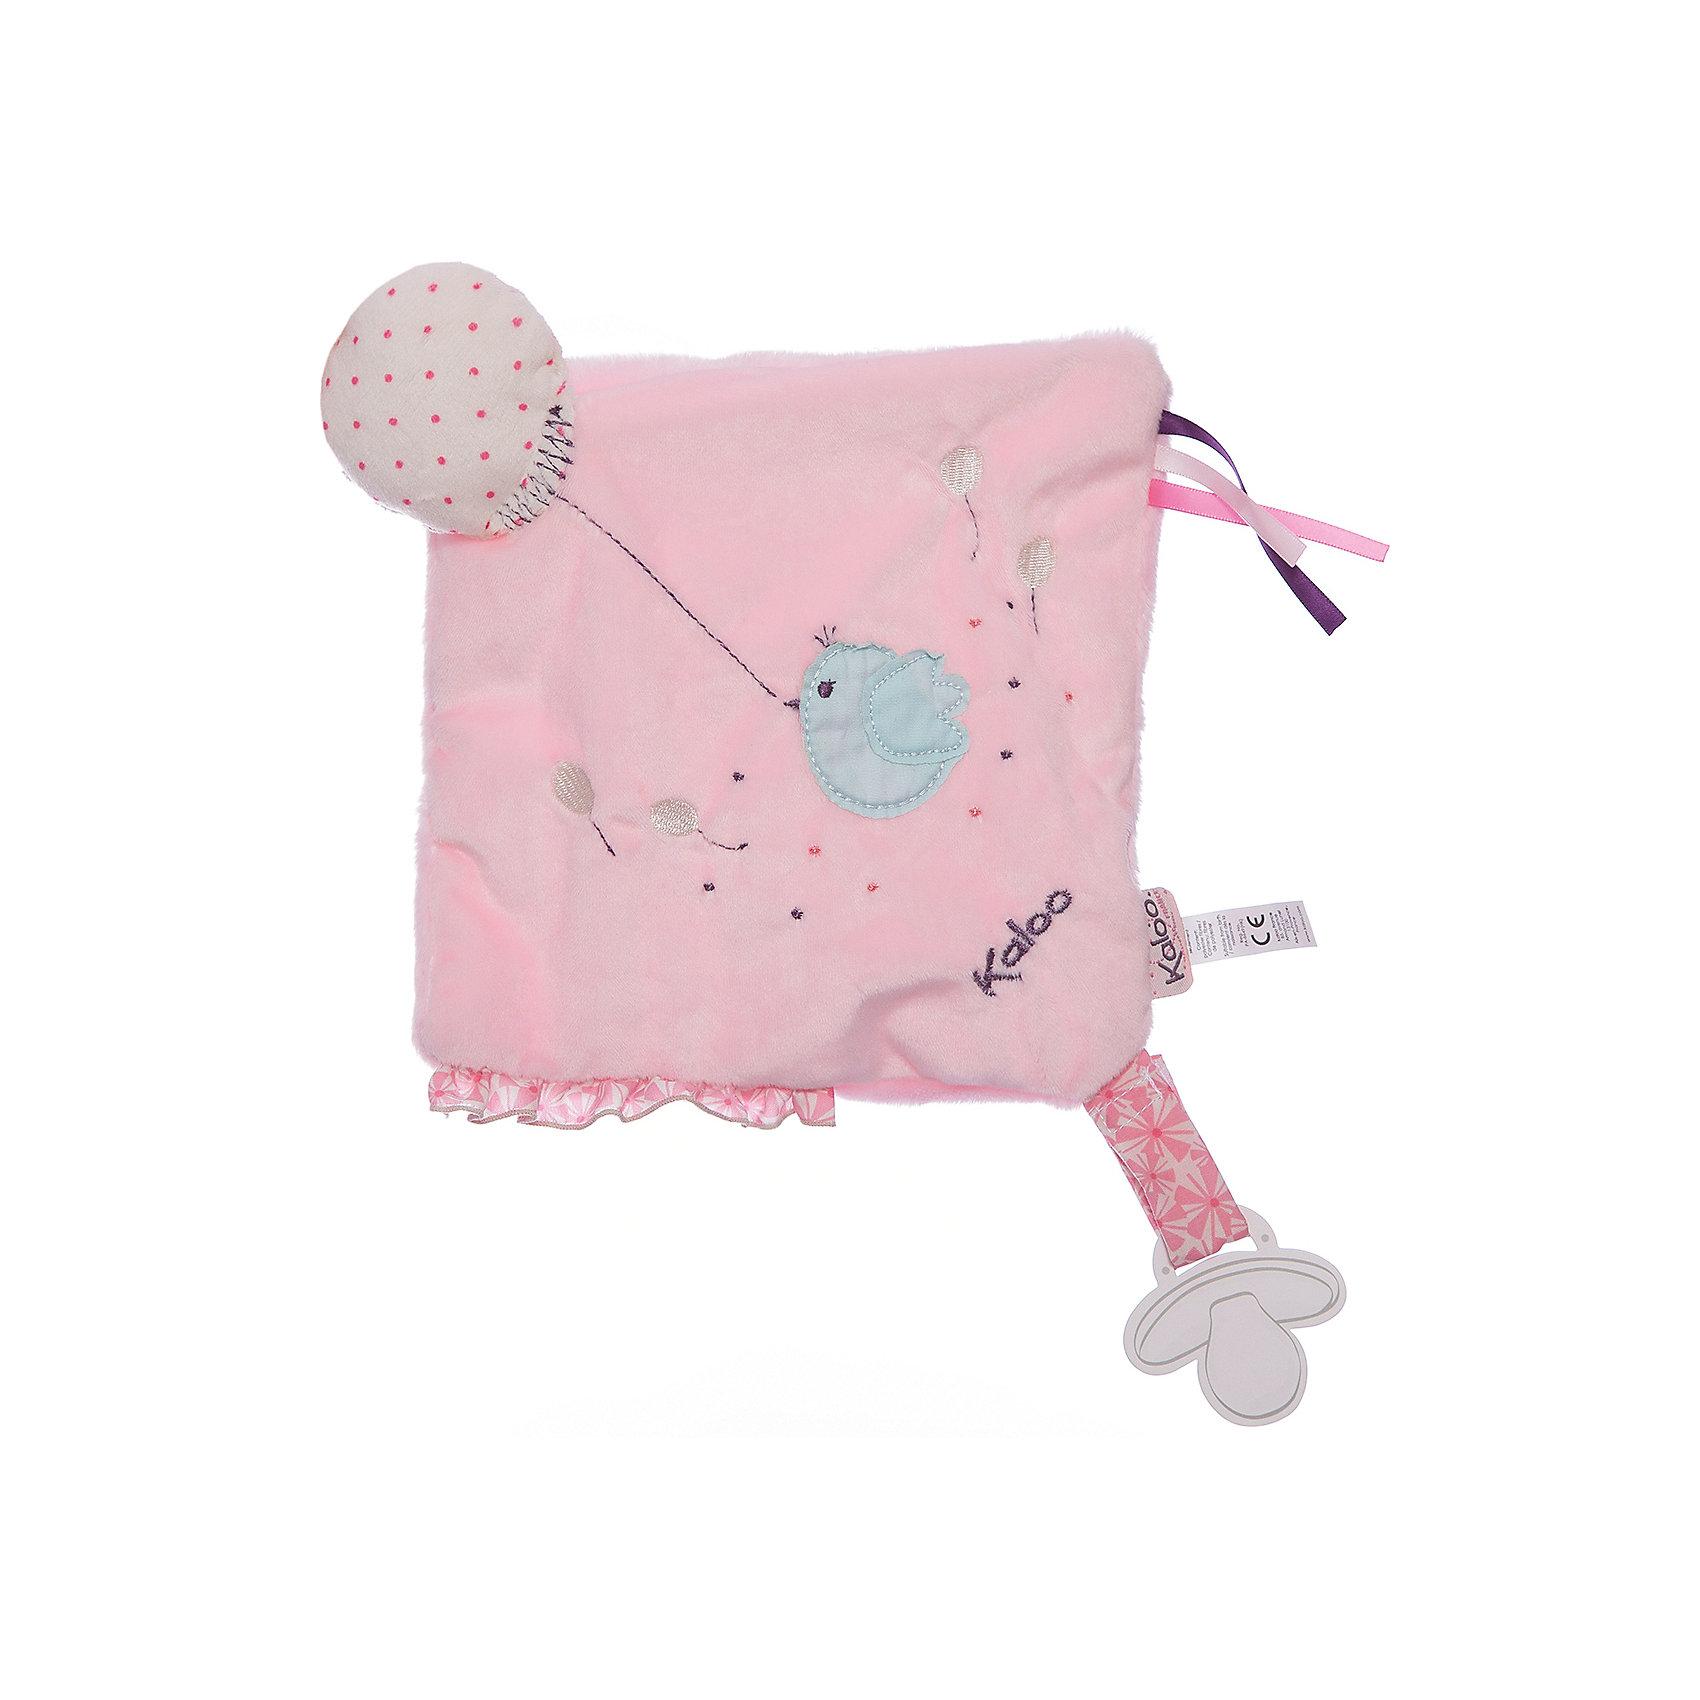 Игрушка-комфортер развивающий Розочка, KalooИгрушка-комфортер развивающий Розочка, Kaloo<br><br>Характеристики:<br><br>• Цвет: розовый<br>• Материал: плюш, наполнитель, текстиль<br>• Размер: 20х20 см<br><br>Комфортер – не просто игрушка, это верный помощник малышу в борьбе с плохими сновидениями. Мамочке достаточно подержать комфортер рядом с собой, чтобы он работал в полную силу. Лицо малыша будет прислоняться к мягкой ткани, от которой пахнет мамой. Воздушный змей всегда будет рядом с крошкой. Комфортер упакован в подарочную коробку. <br><br>Игрушка-комфортер развивающий Розочка, Kaloo можно купить в нашем интернет-магазине.<br><br>Ширина мм: 270<br>Глубина мм: 40<br>Высота мм: 190<br>Вес г: 39<br>Возраст от месяцев: 0<br>Возраст до месяцев: 1188<br>Пол: Женский<br>Возраст: Детский<br>SKU: 5163428